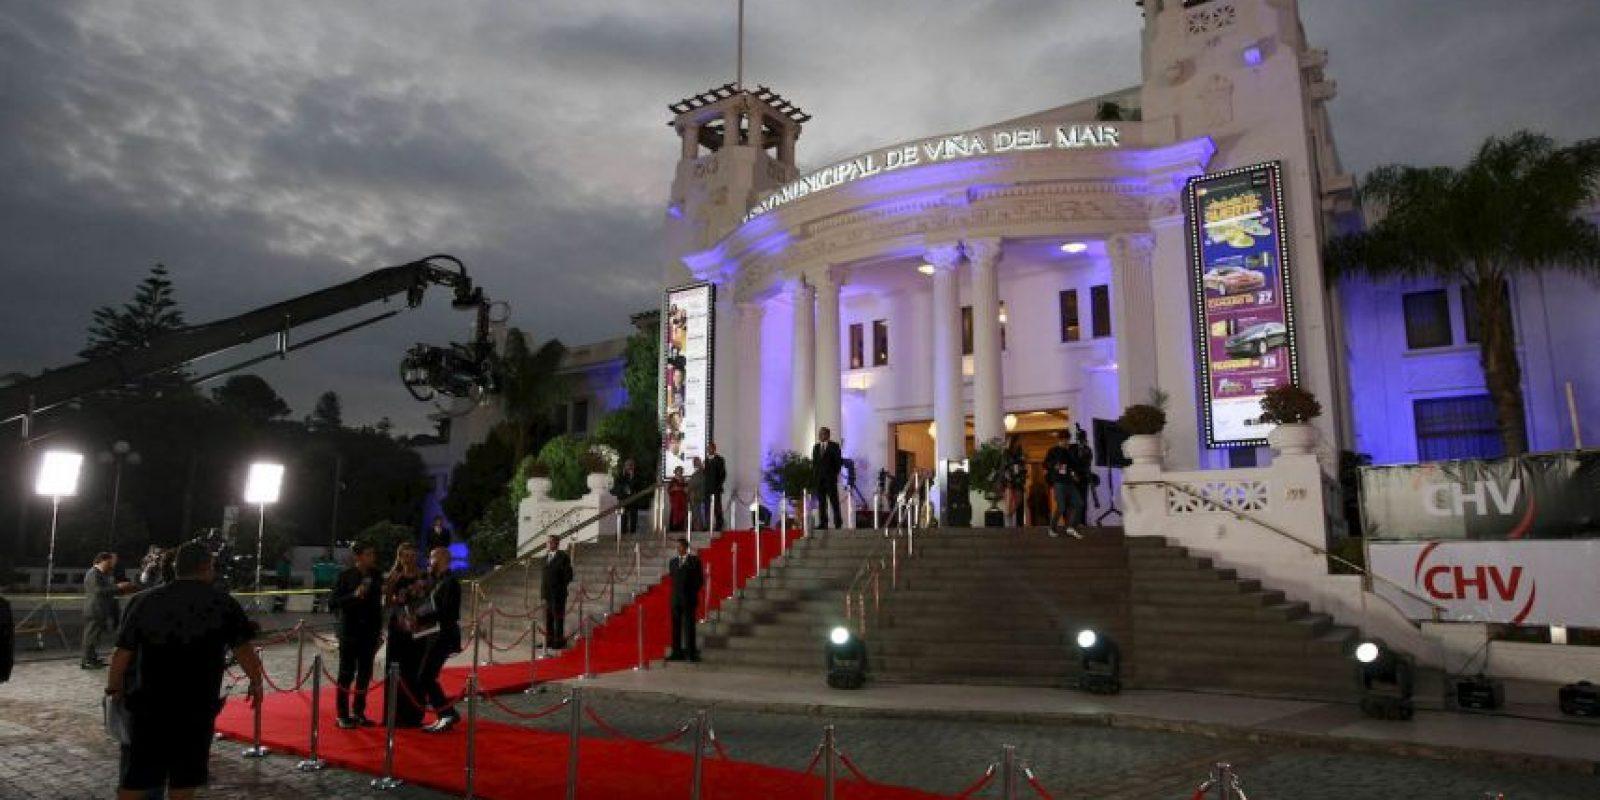 Foto:Carlos Ibarra/Publimetro Chile